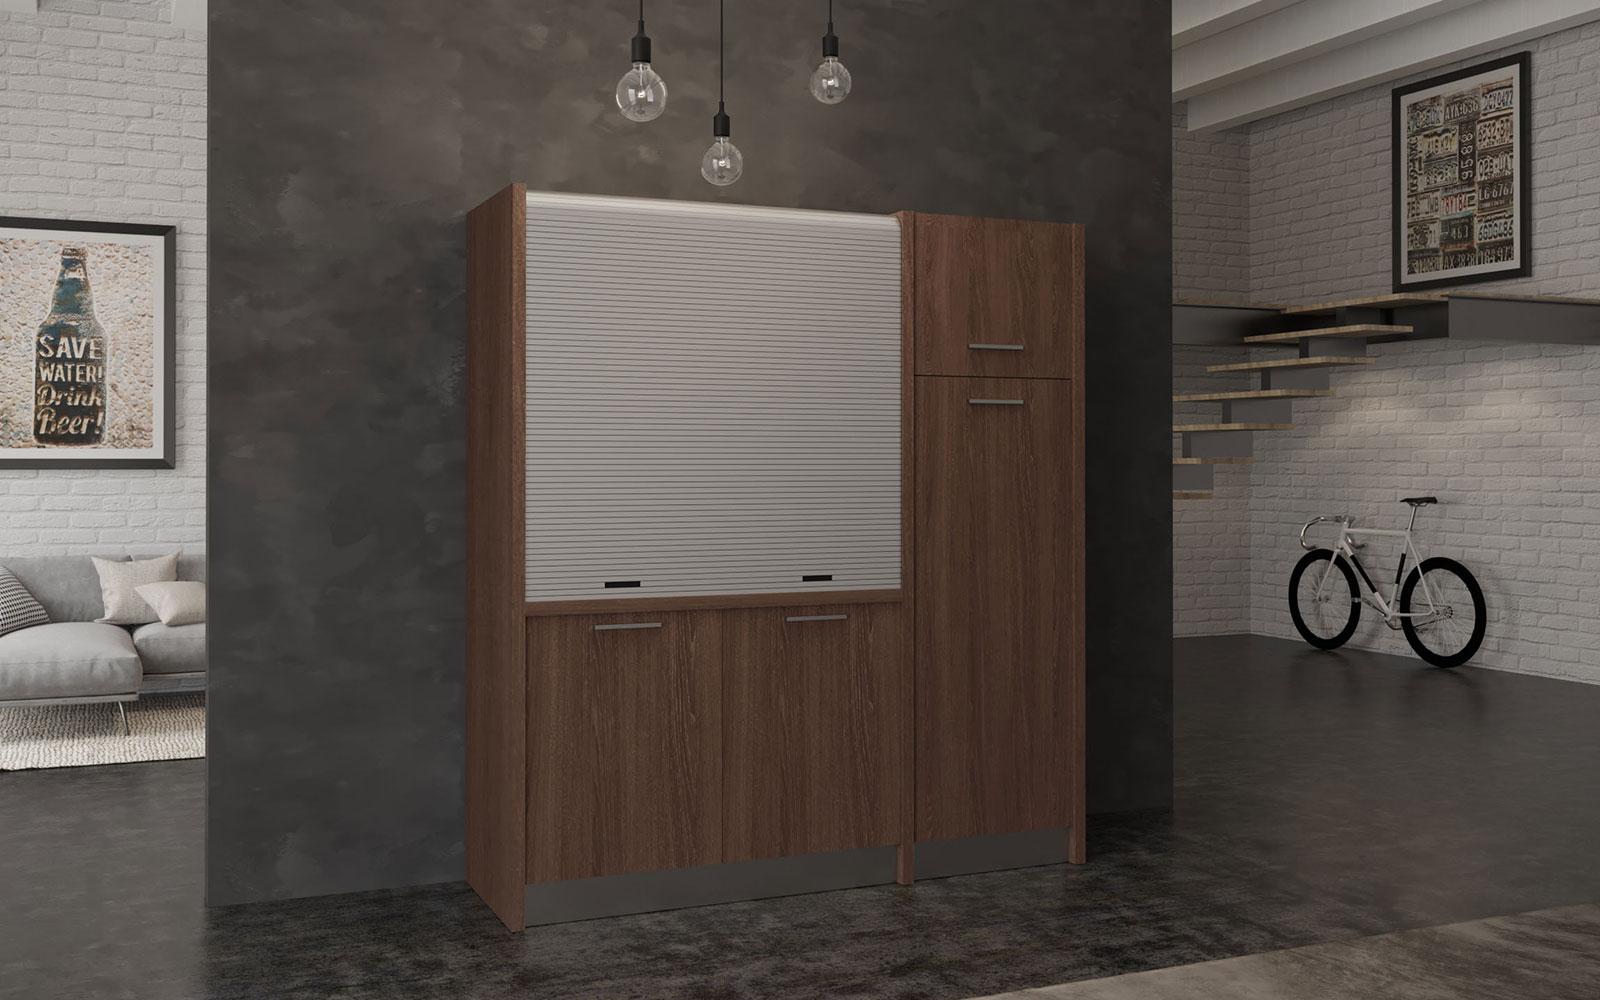 Conero DX - Cucina monoblocco a scomparsa con serranda e frigo a colonna  larghezza 192cm